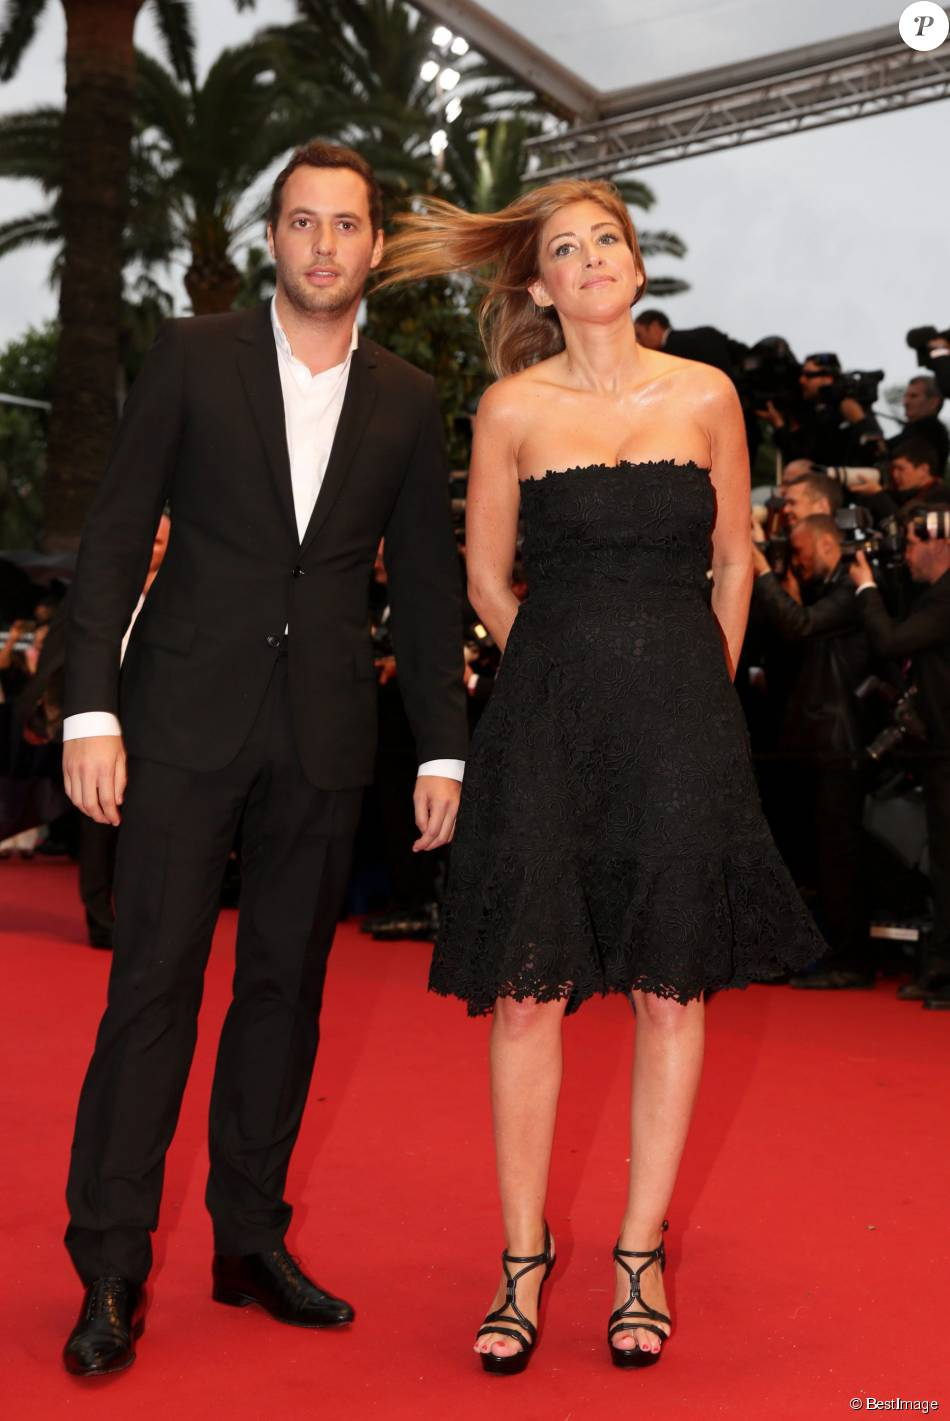 Amanda sthers et son ex thierry weinberg montee des marches du film gatsby le magnifique pour - Sonia mabrouk en couple ...